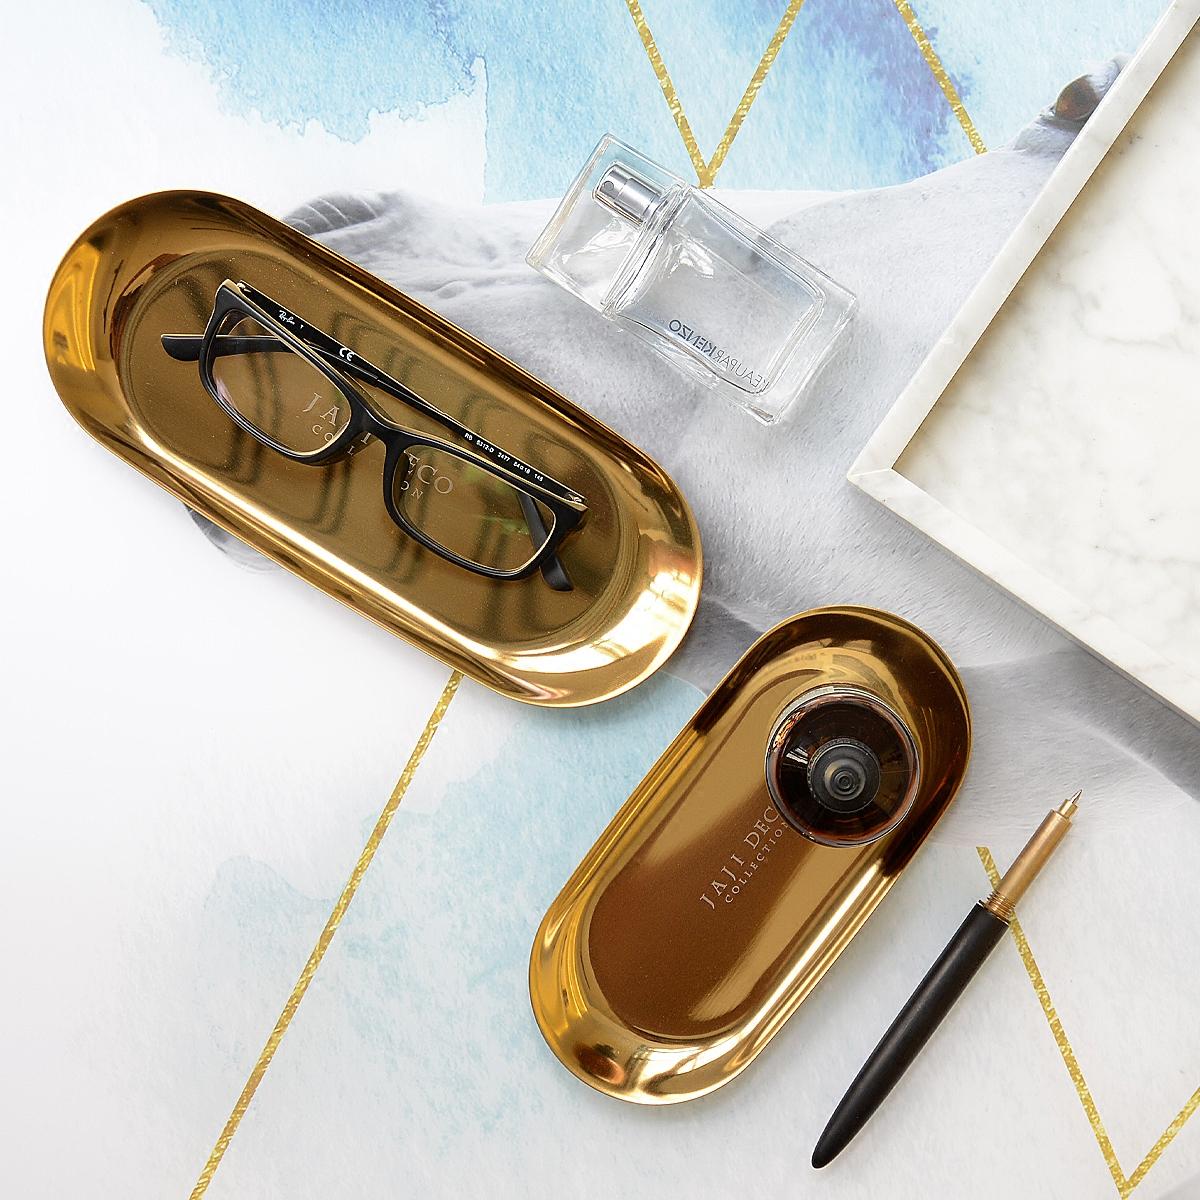 北欧丹麦款金色不锈钢置物盘点心果盘首饰桌面收纳托盘样板间摆件